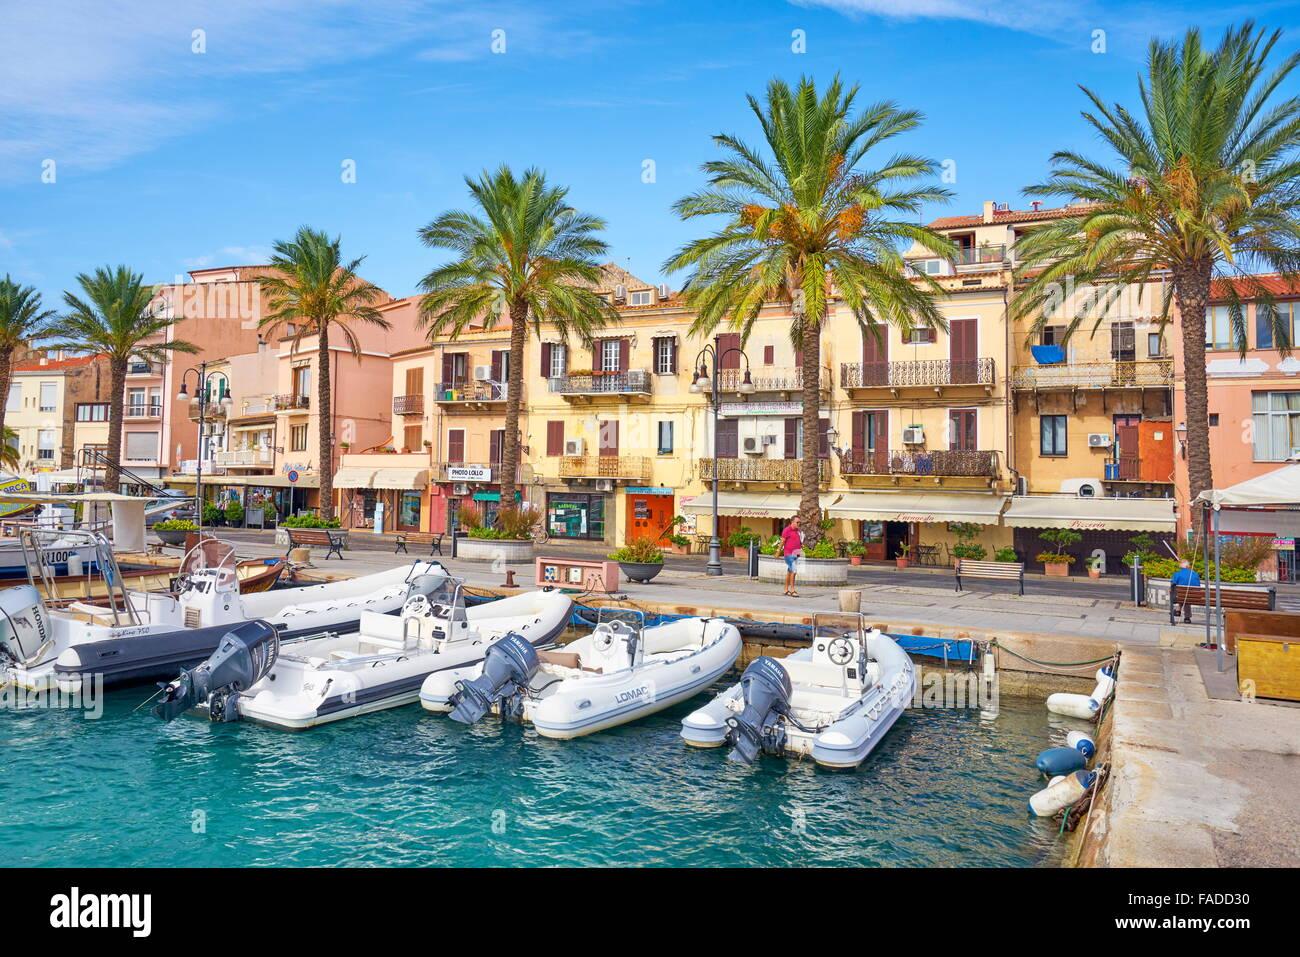 La Maddalena, vue sur la ville et le port, l'île de La Maddalena, en Sardaigne, Italie Photo Stock